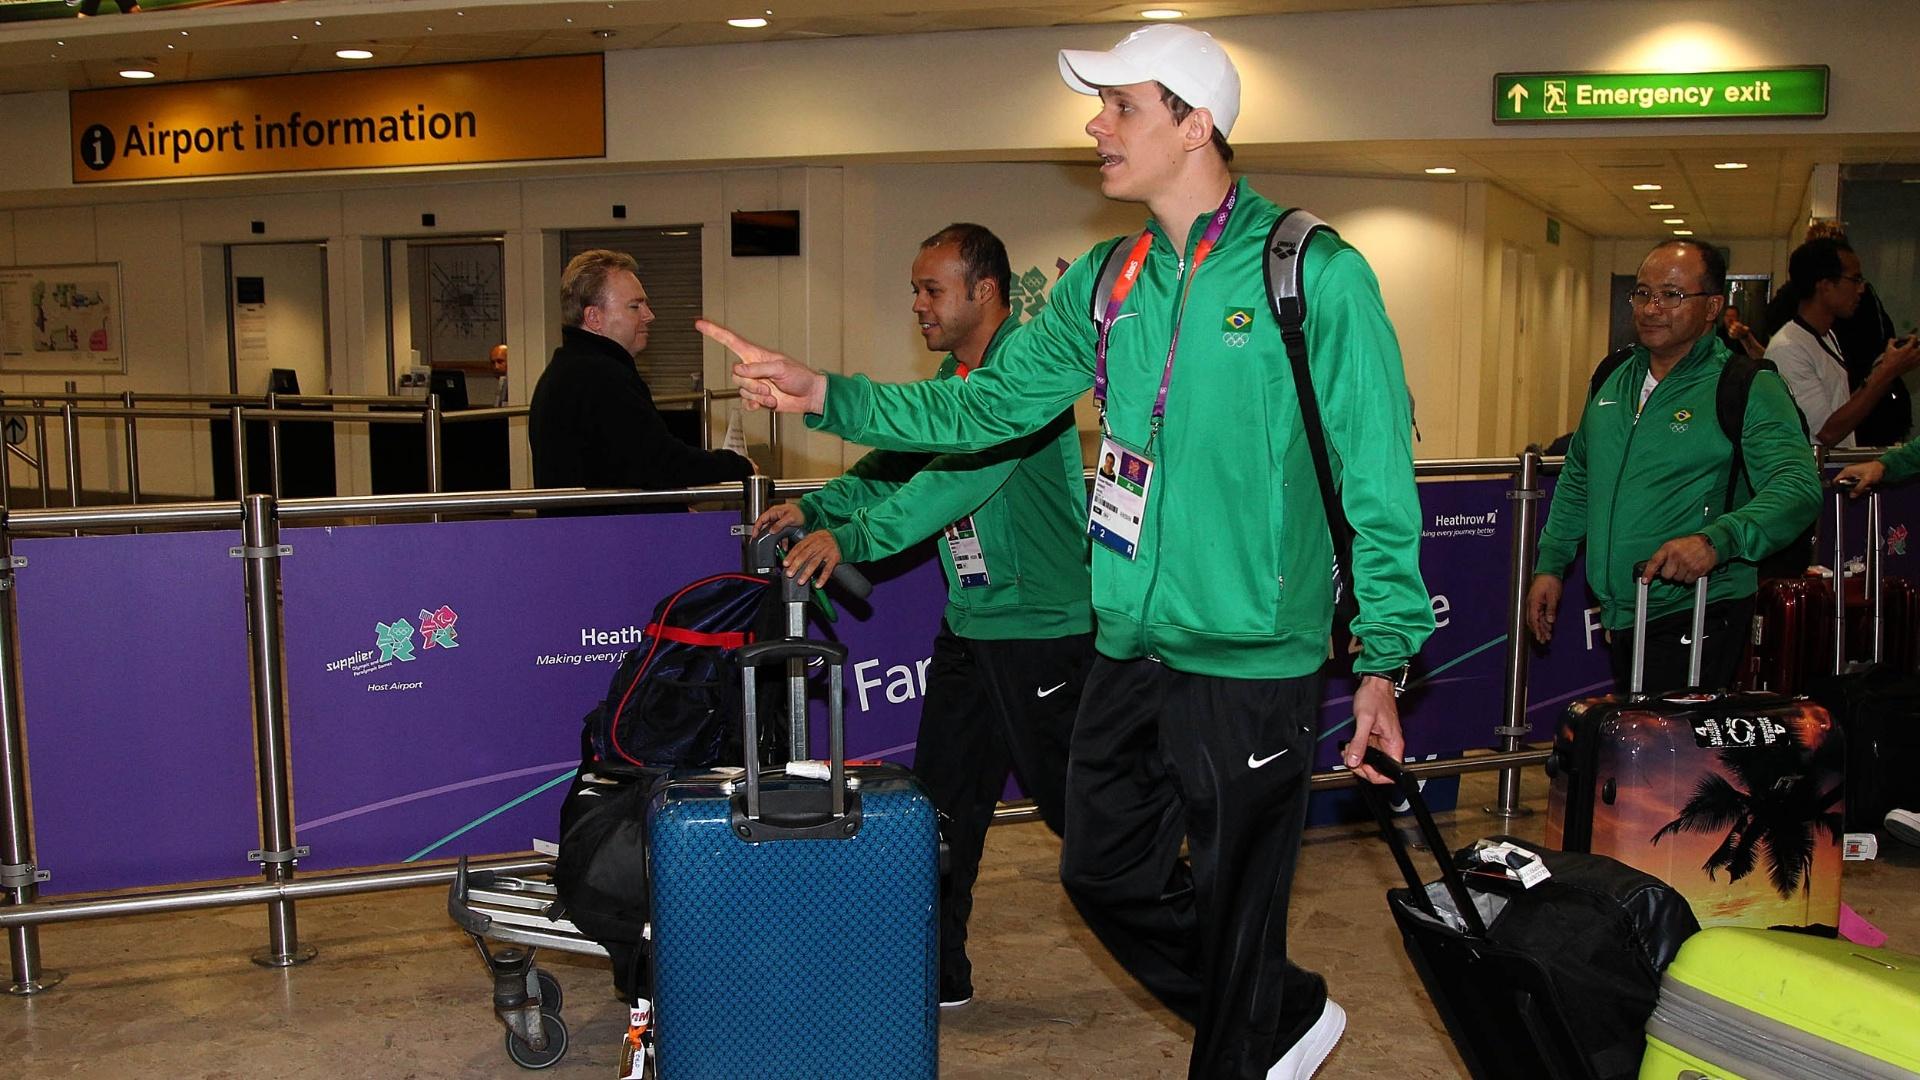 Medalha de ouro em Pequim-2008, César Cielo desembarca no aeroporto de Heathrow, em Londres